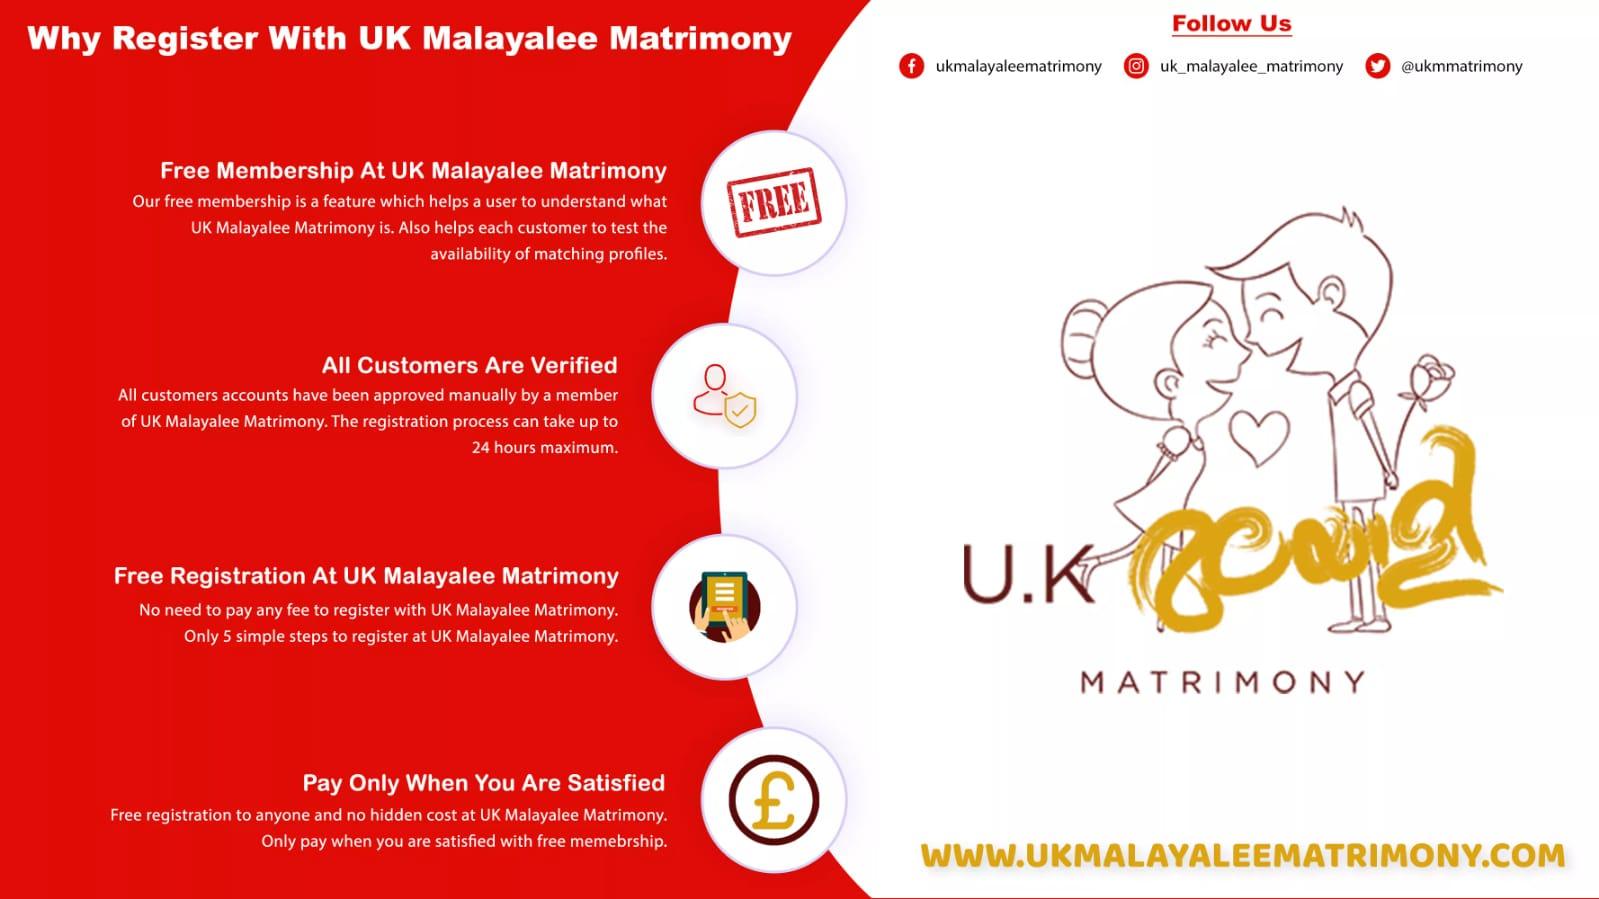 UK's first Malayali matrimony